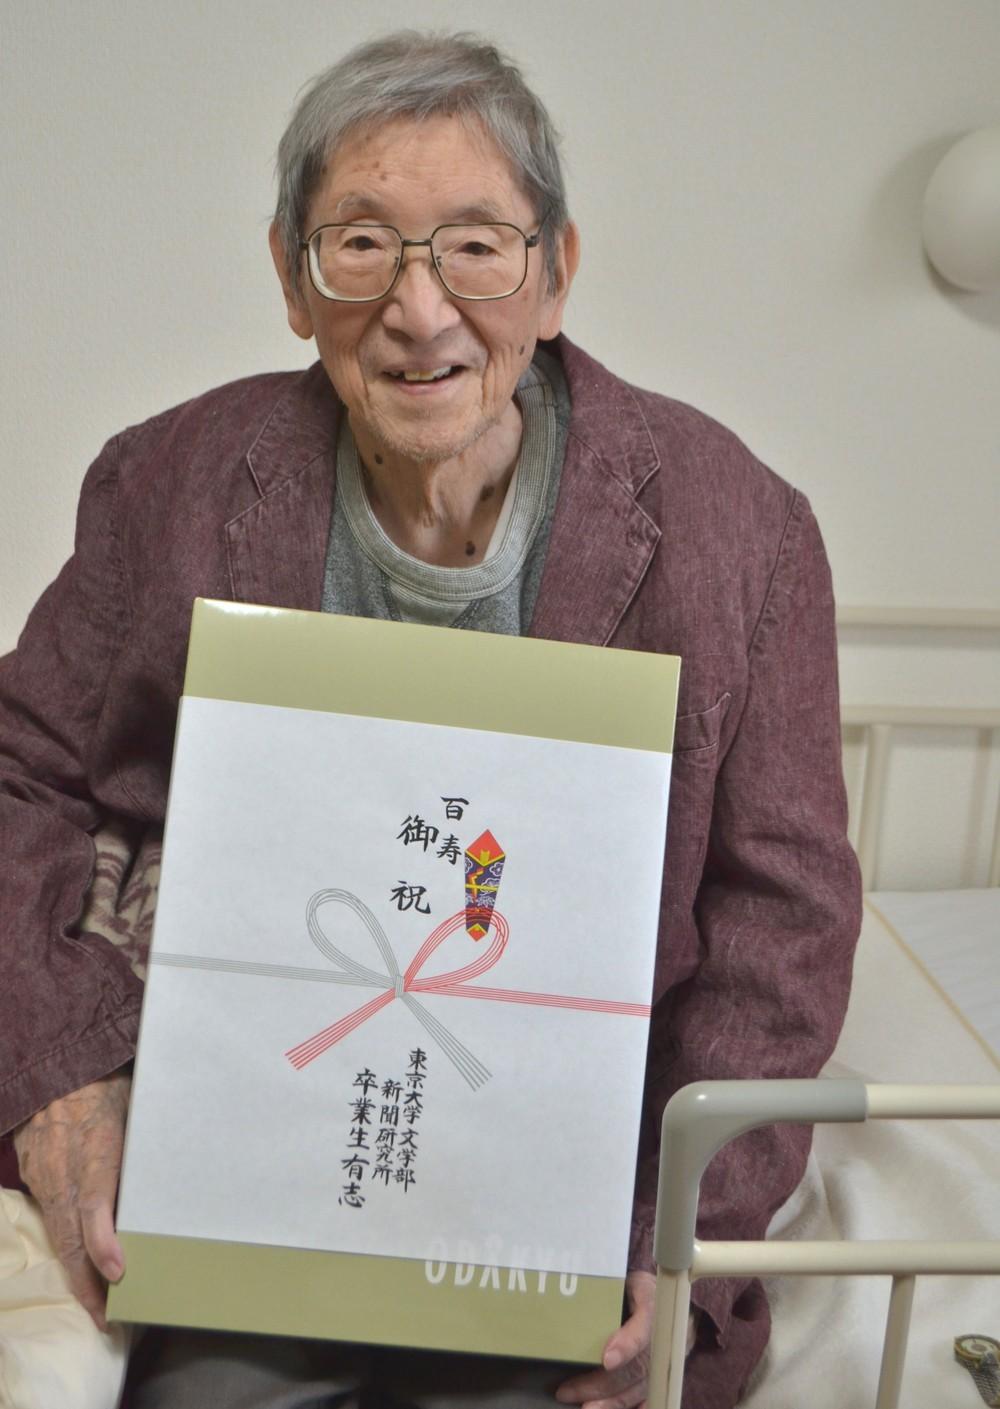 101歳で死去の日高六郎さん、東大女子学生に人気の「カッコいい学者」だった